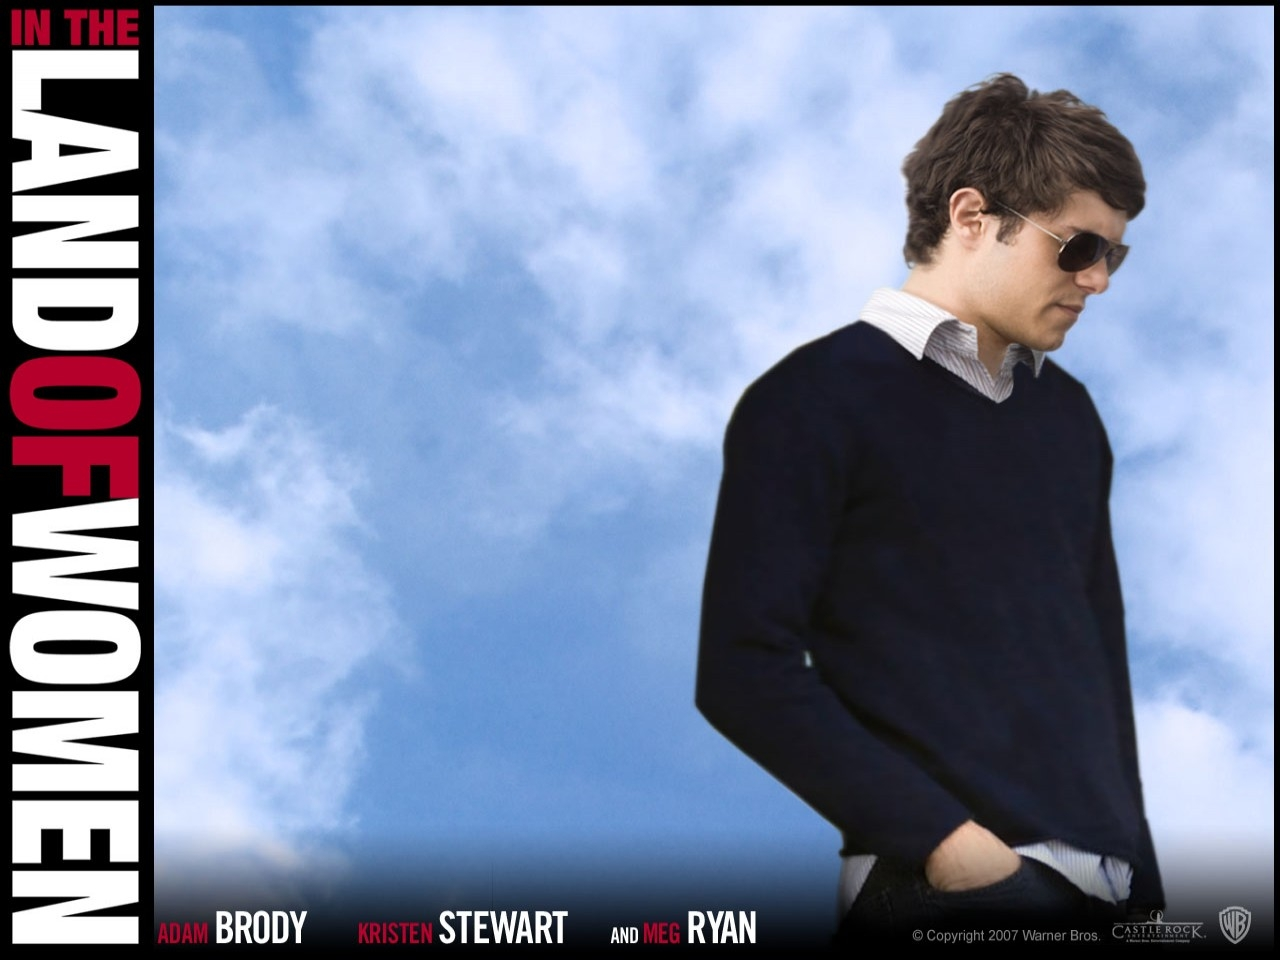 Wallpaper del film Il bacio che aspettavo, con Adam Brody